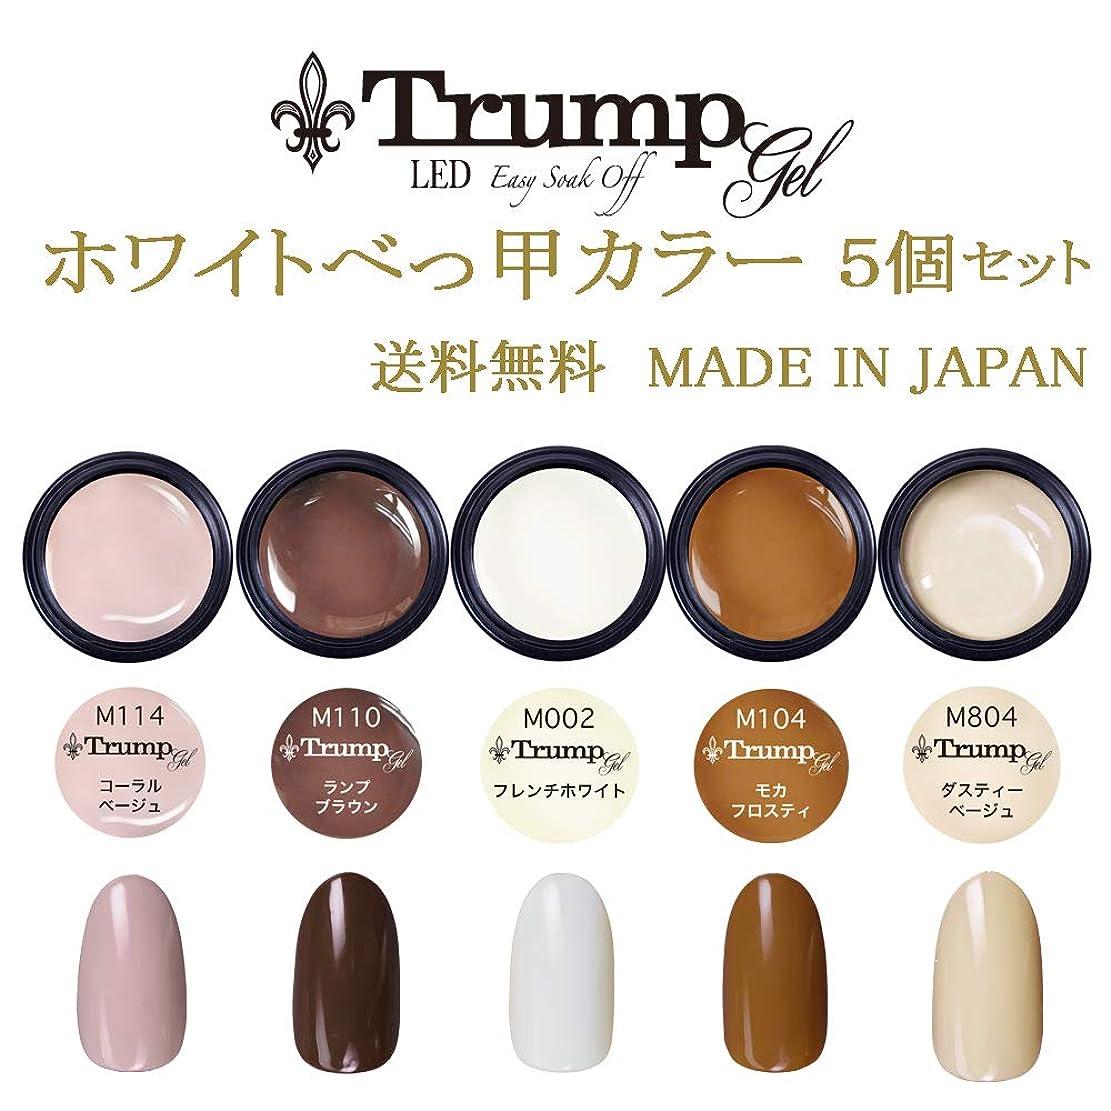 守るサーキュレーションホバー【送料無料】日本製 Trump gel トランプジェルホワイトべっ甲カラージェル 5個セット スタイリッシュでオシャレな 白べっ甲カラージェルセット